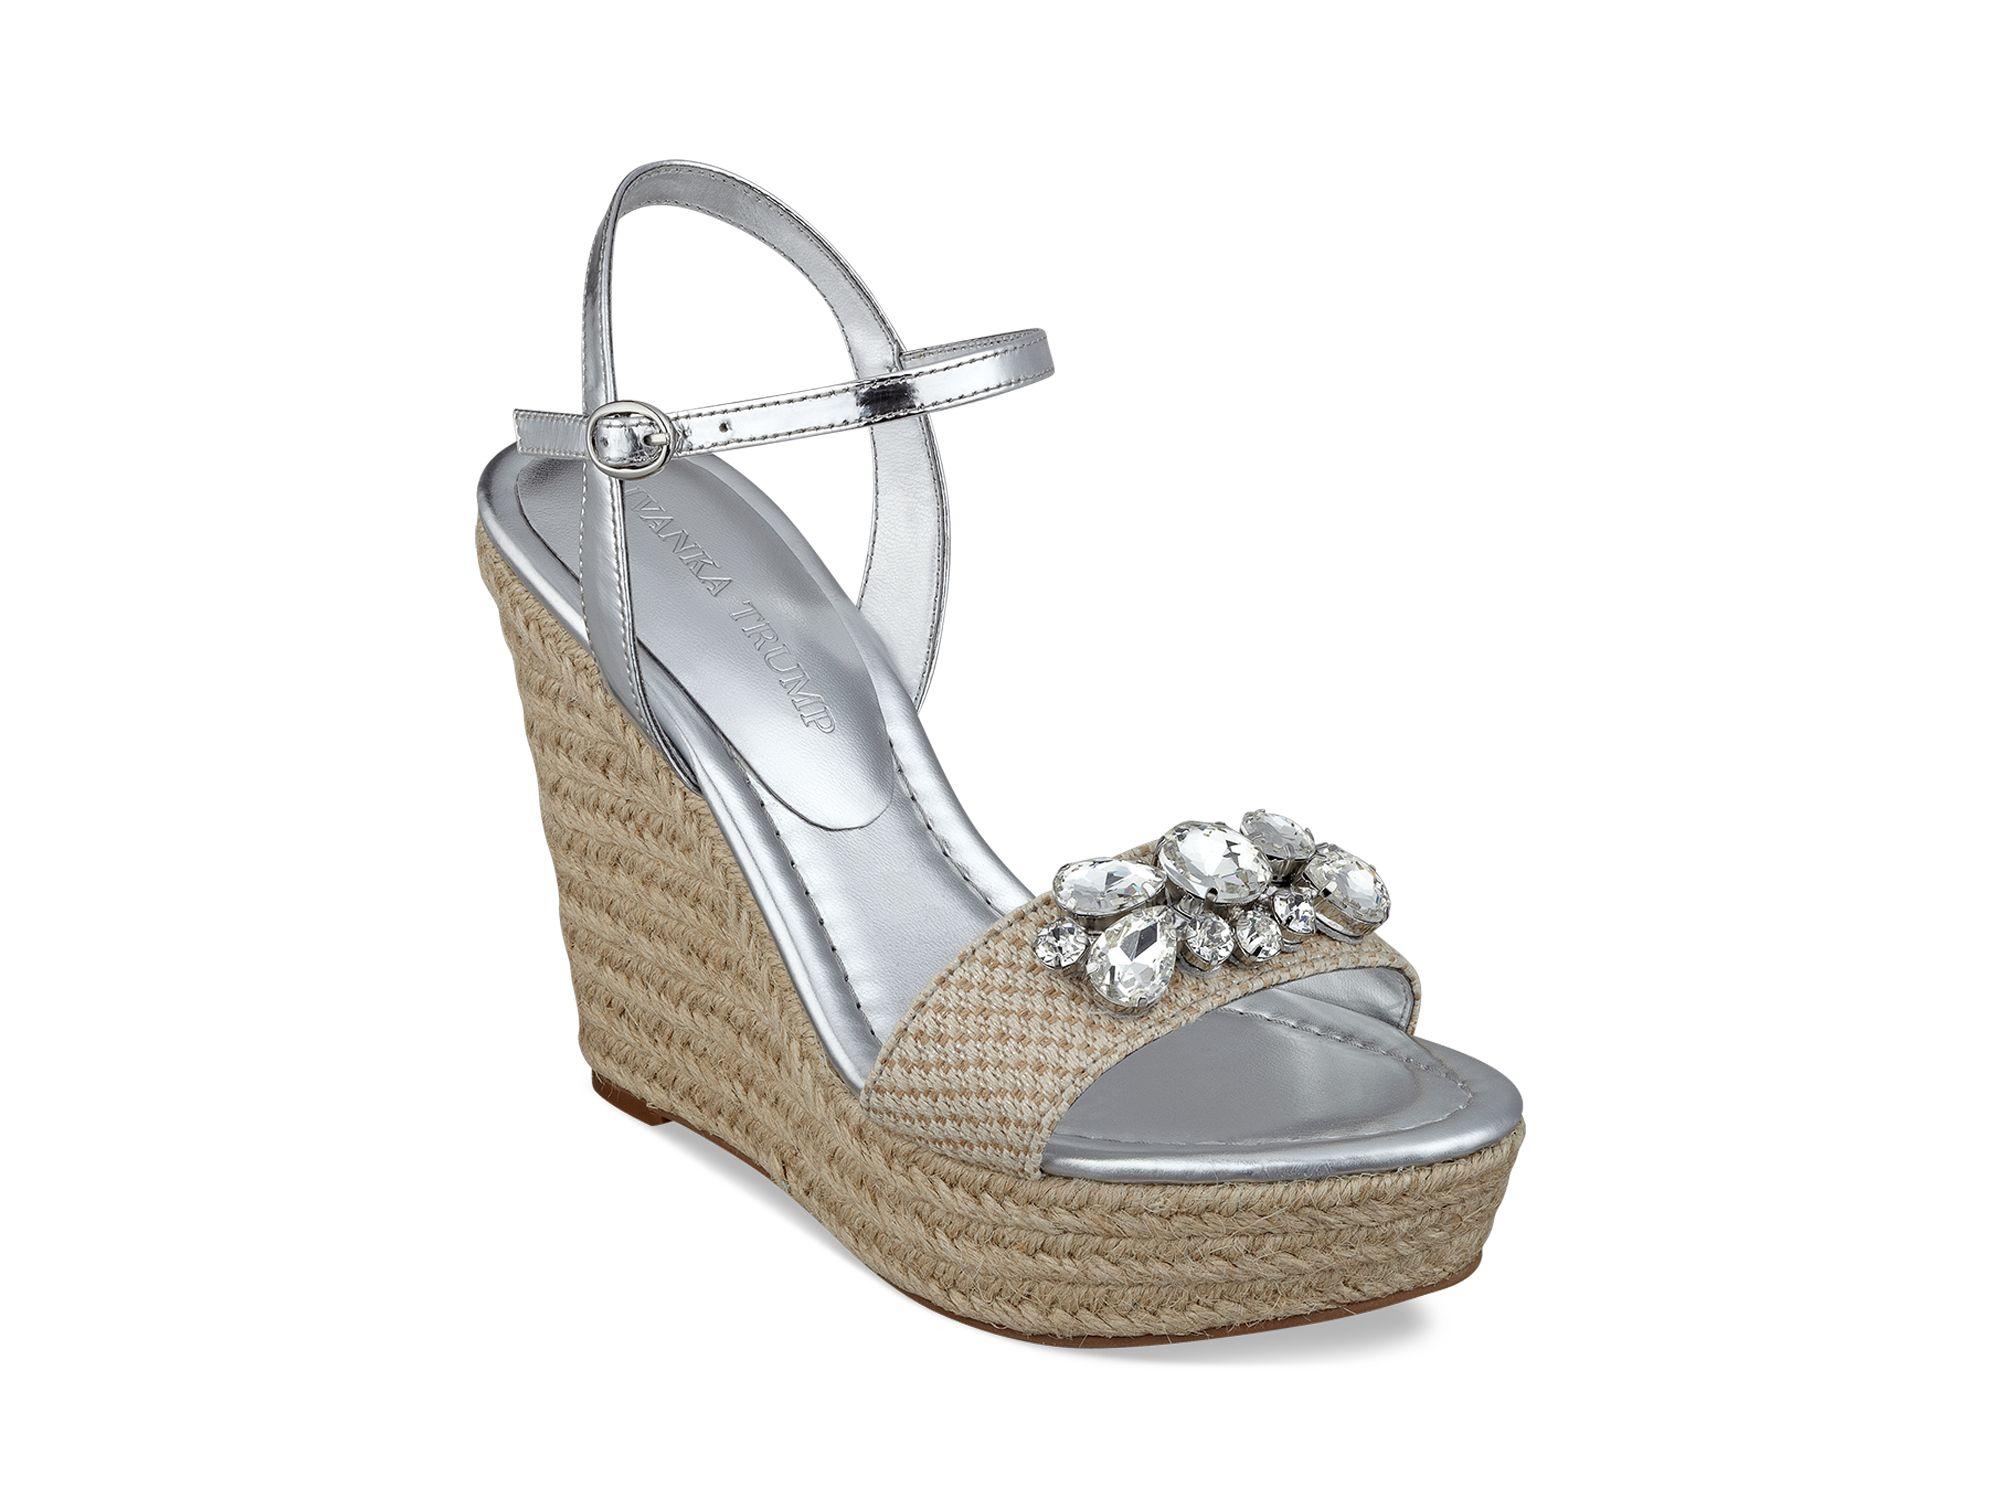 ivanka espadrille wedge sandals hasco jeweled in